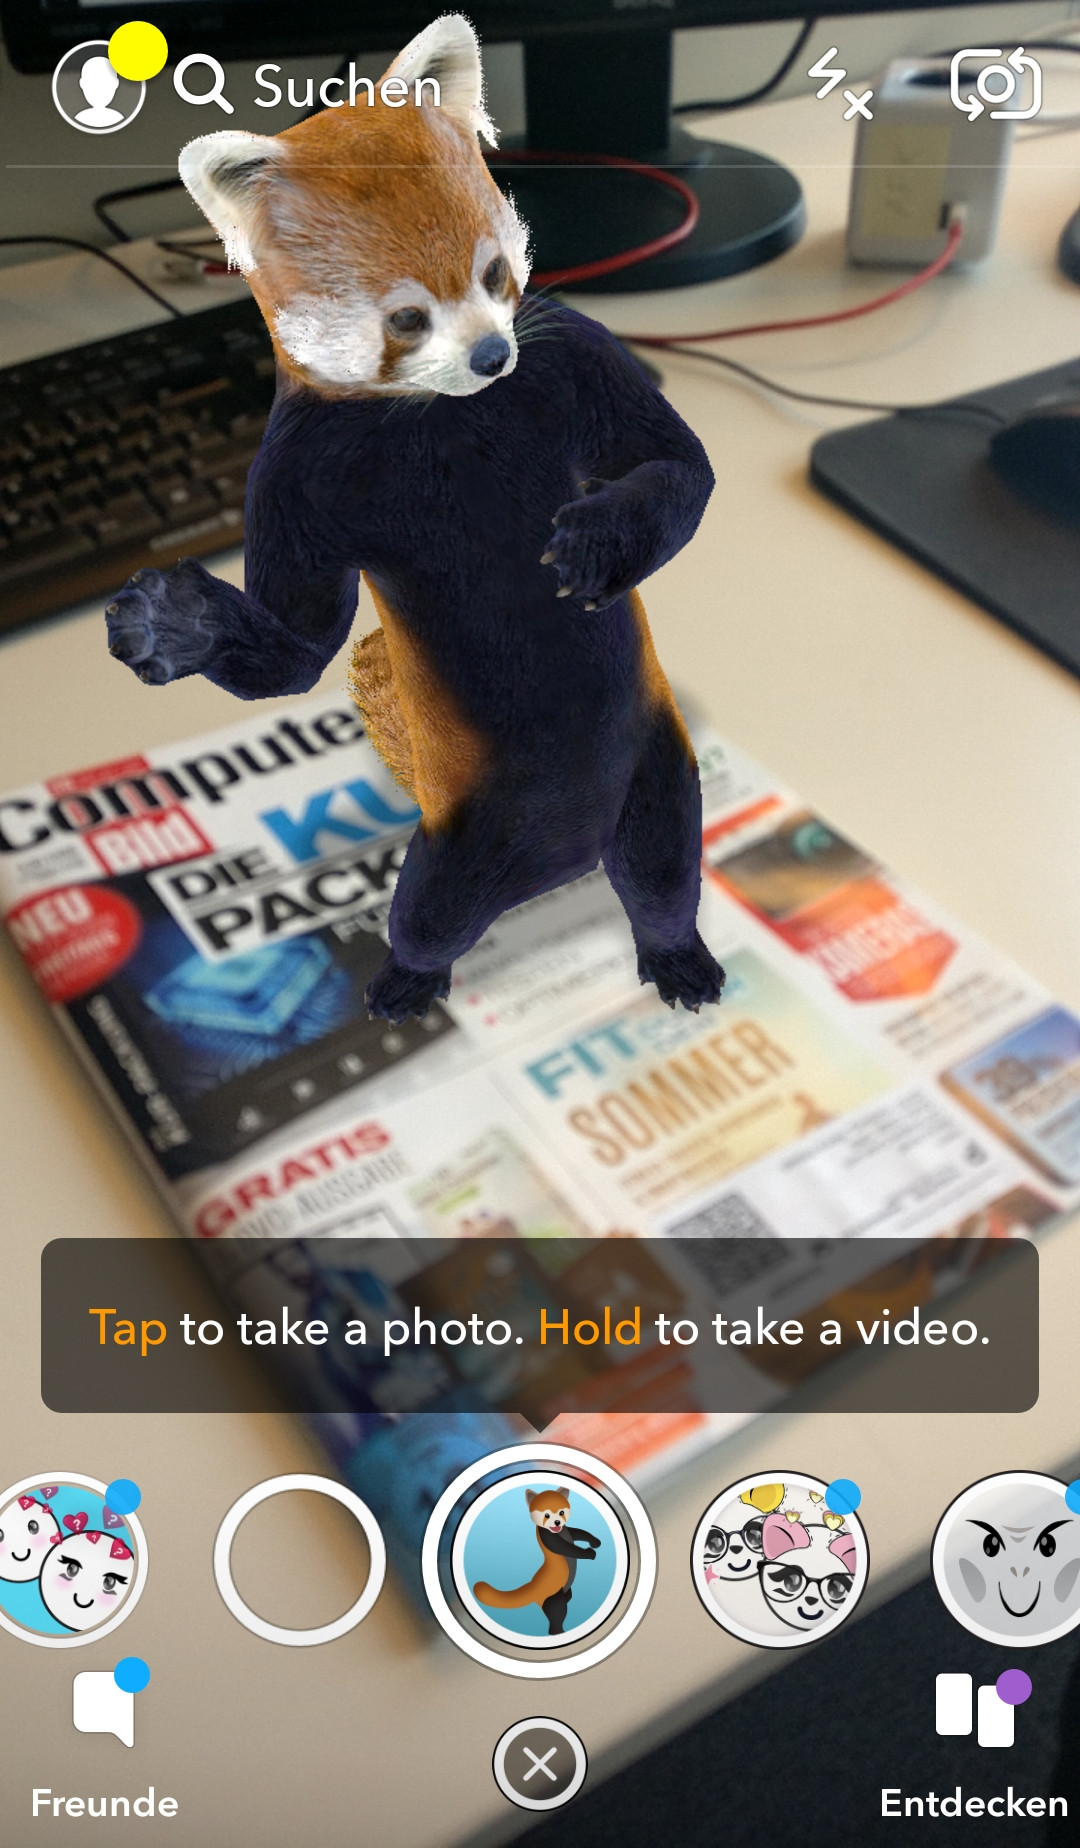 Screenshot 1 - Snapchat (Android-App)